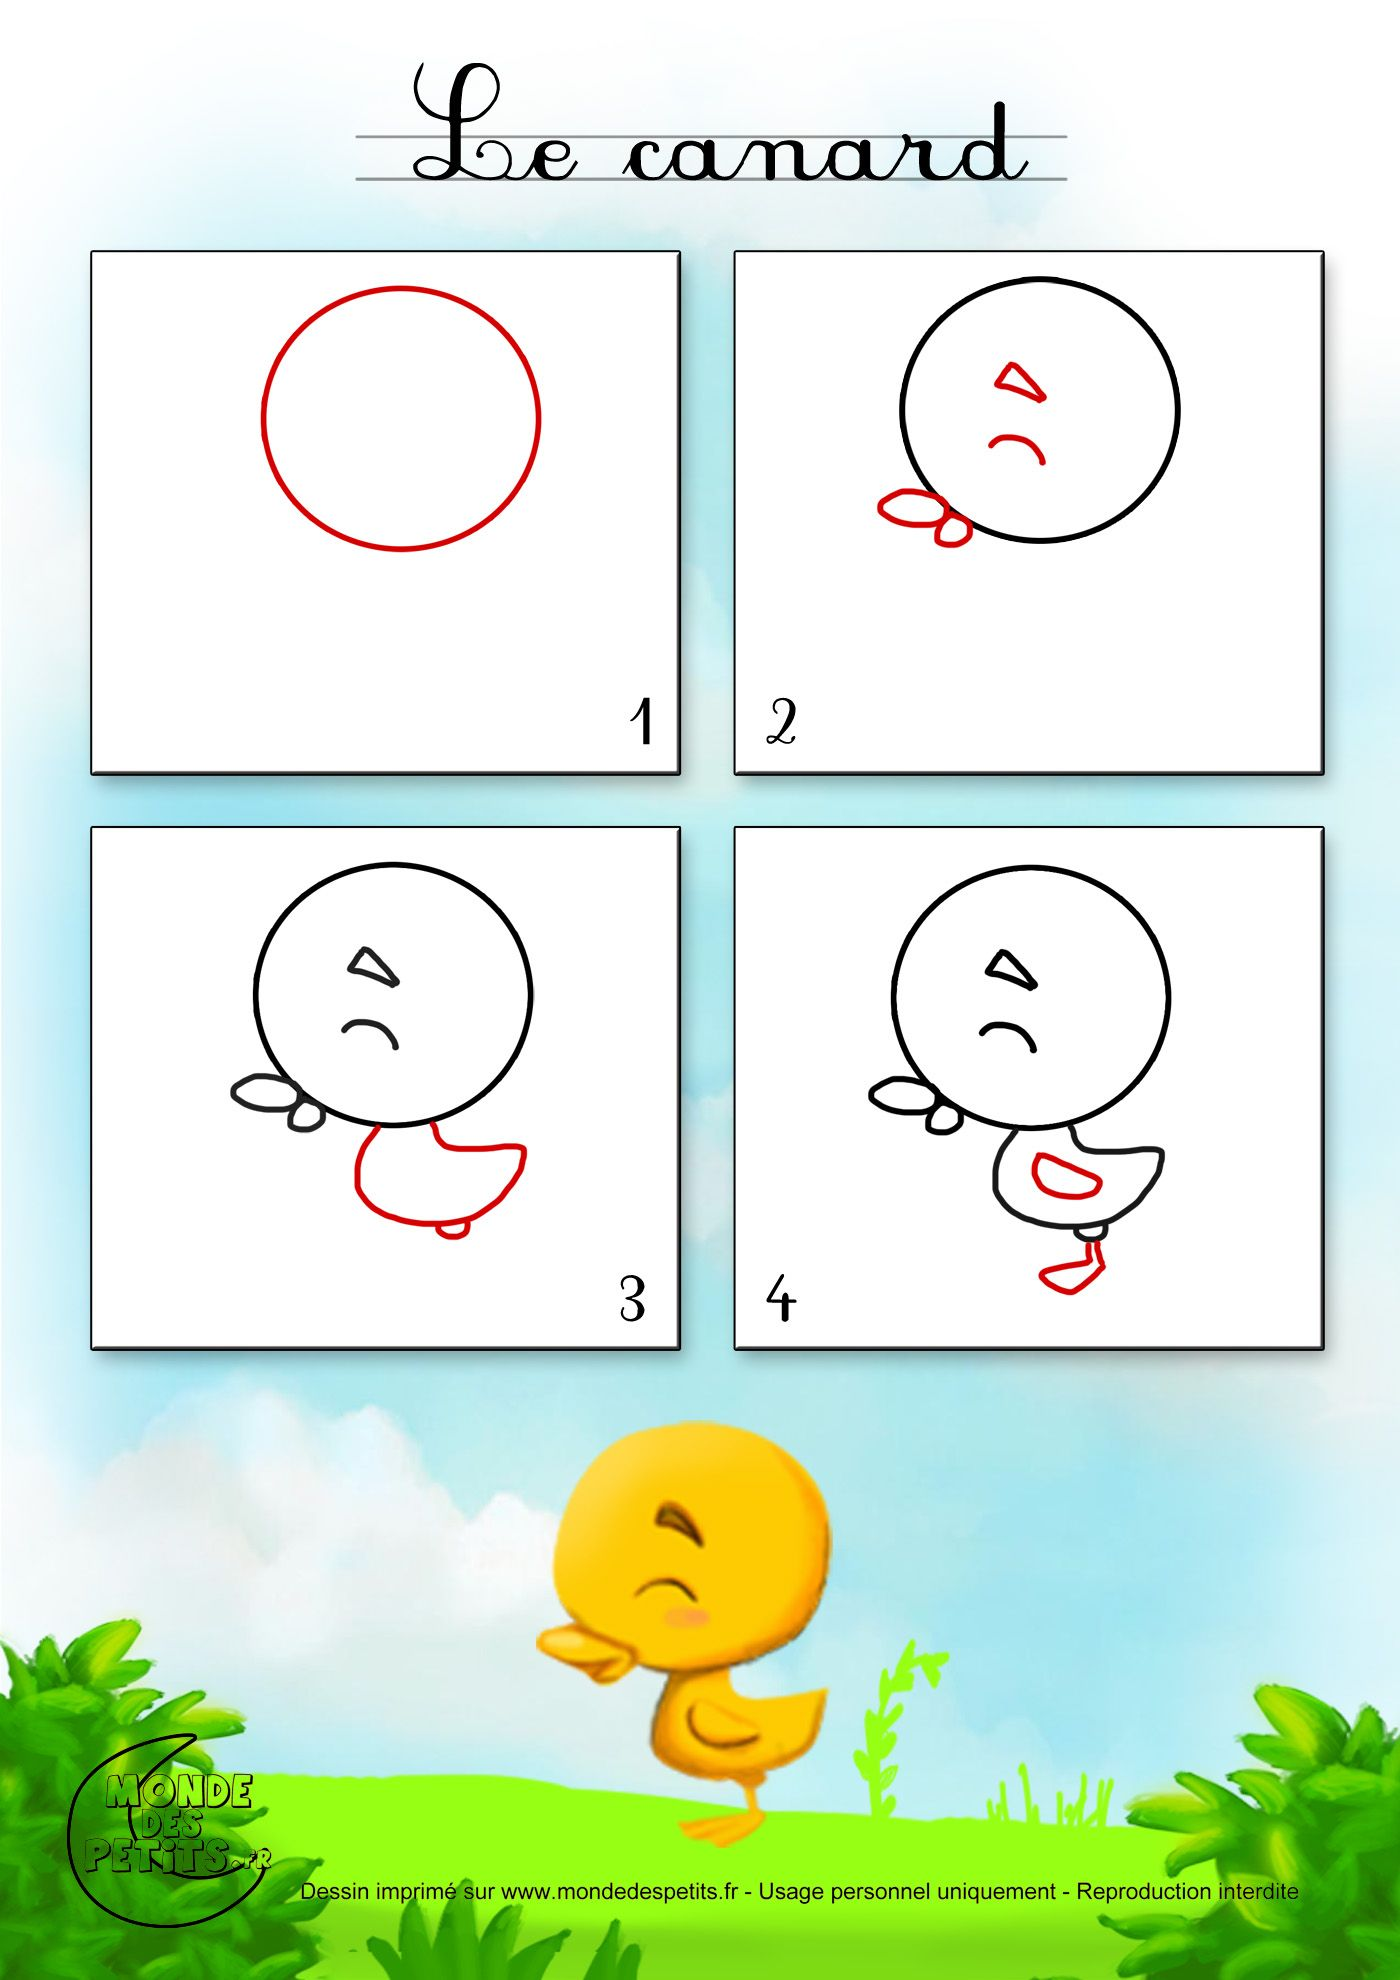 Dessin1 comment dessiner un petit canard j 39 apprends - Apprendre a dessiner des animaux mignon ...